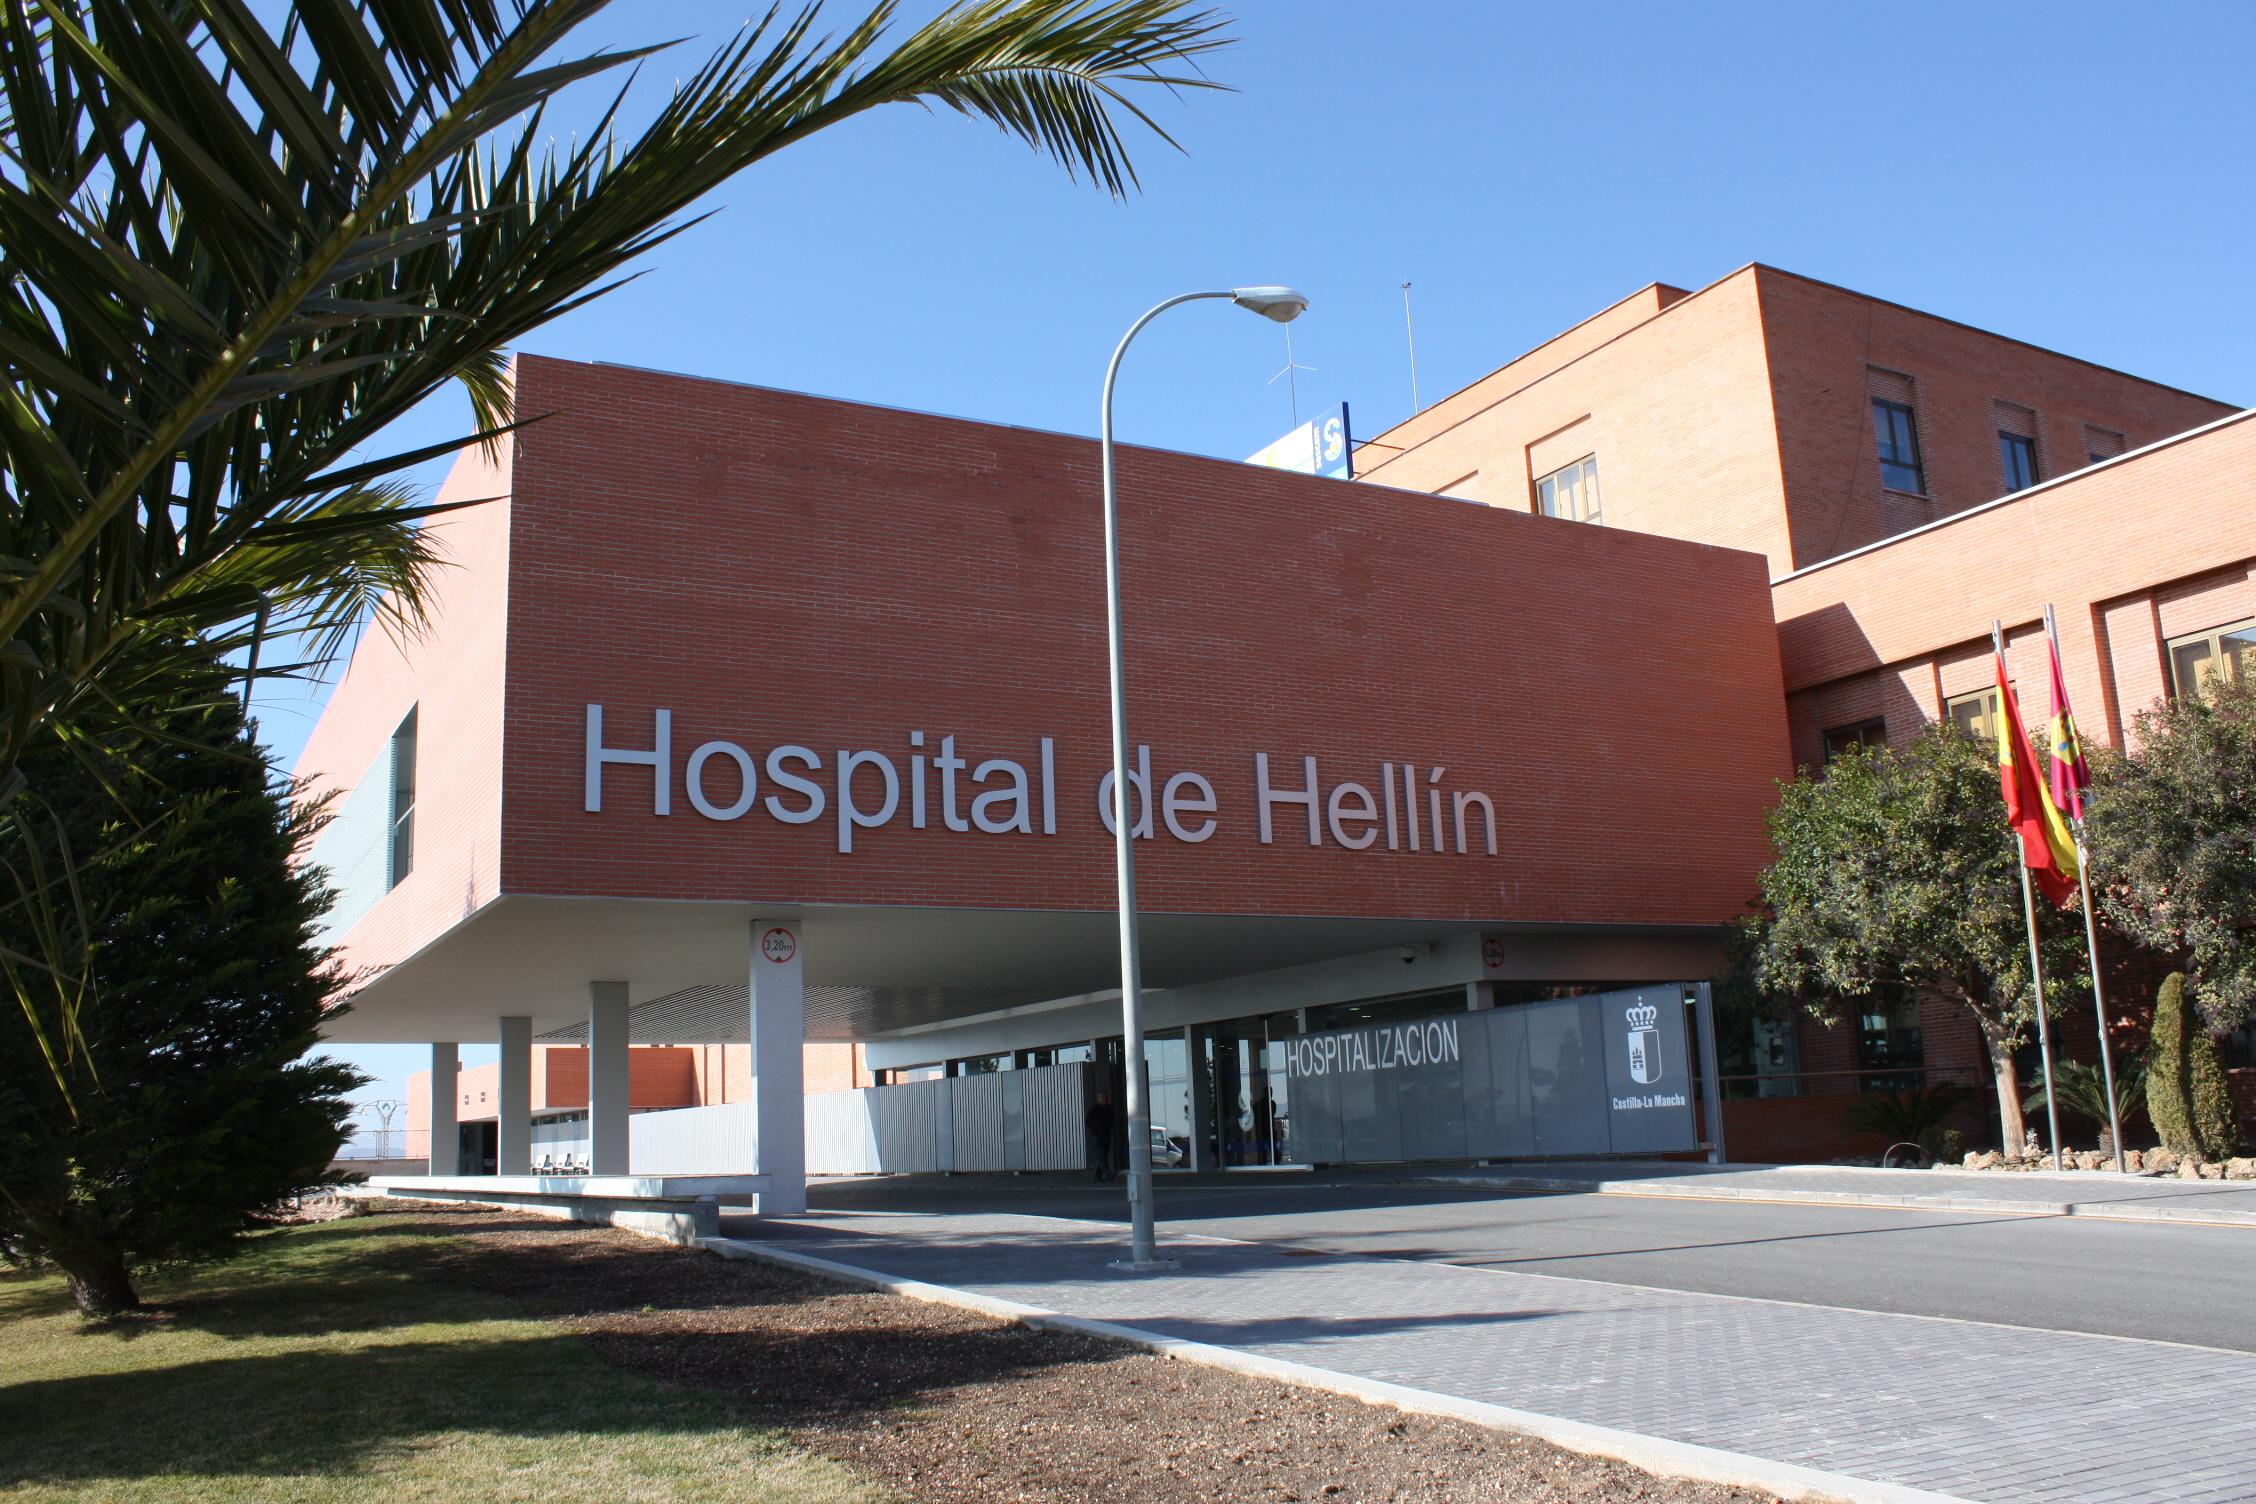 Hospital de hellin servicio de salud de castilla la mancha for Oficina virtual jccm